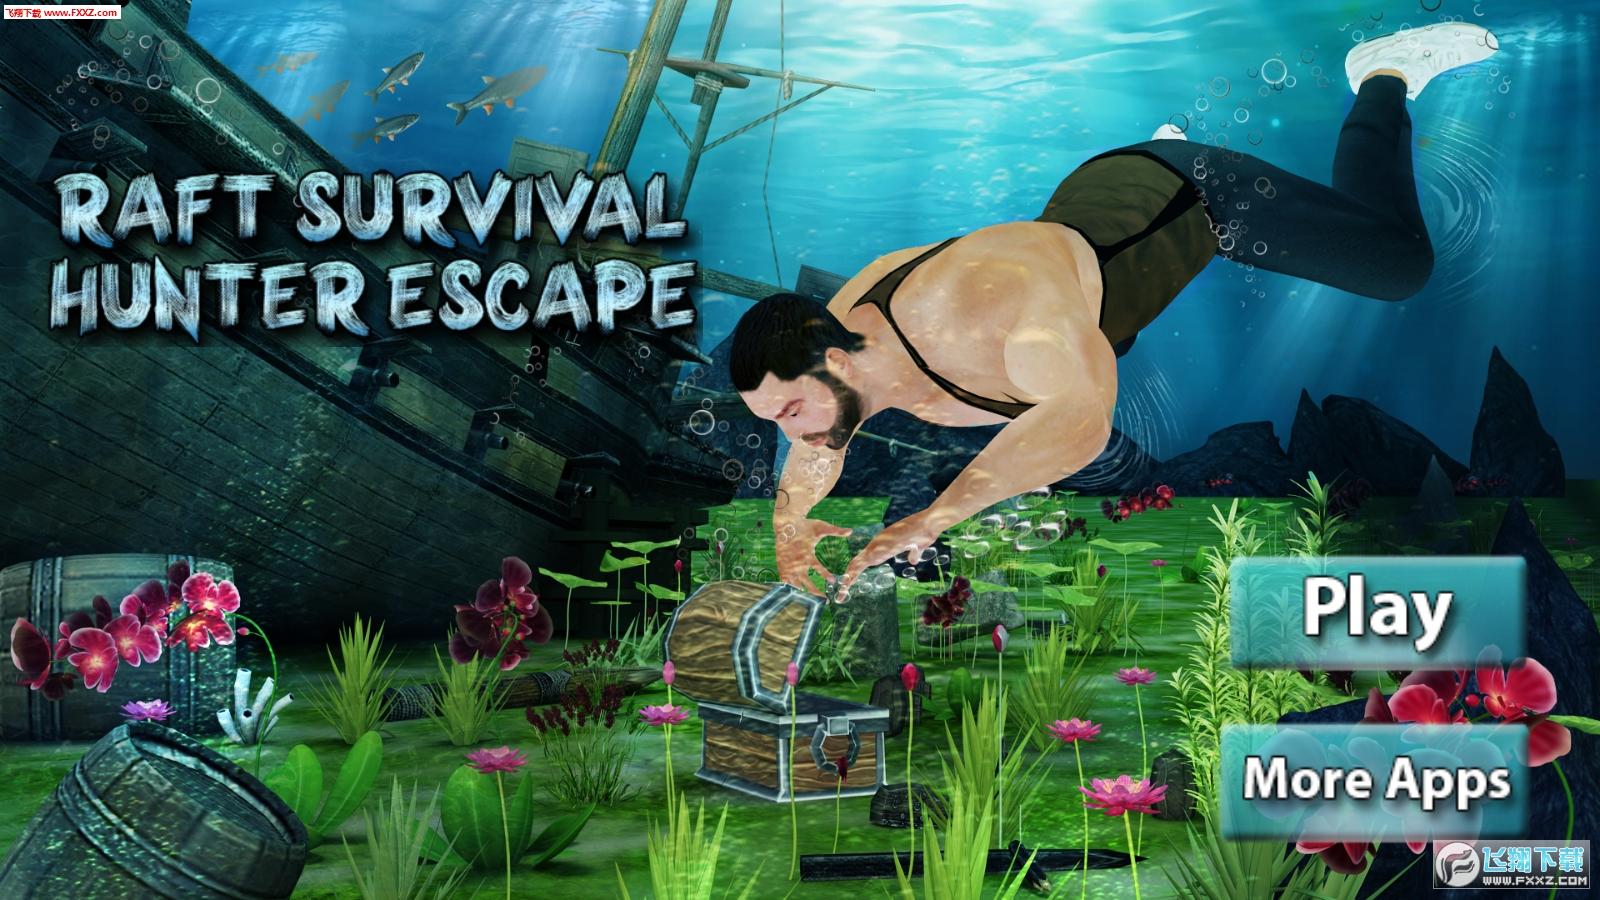 生存猎人木筏逃生手游1.0截图1